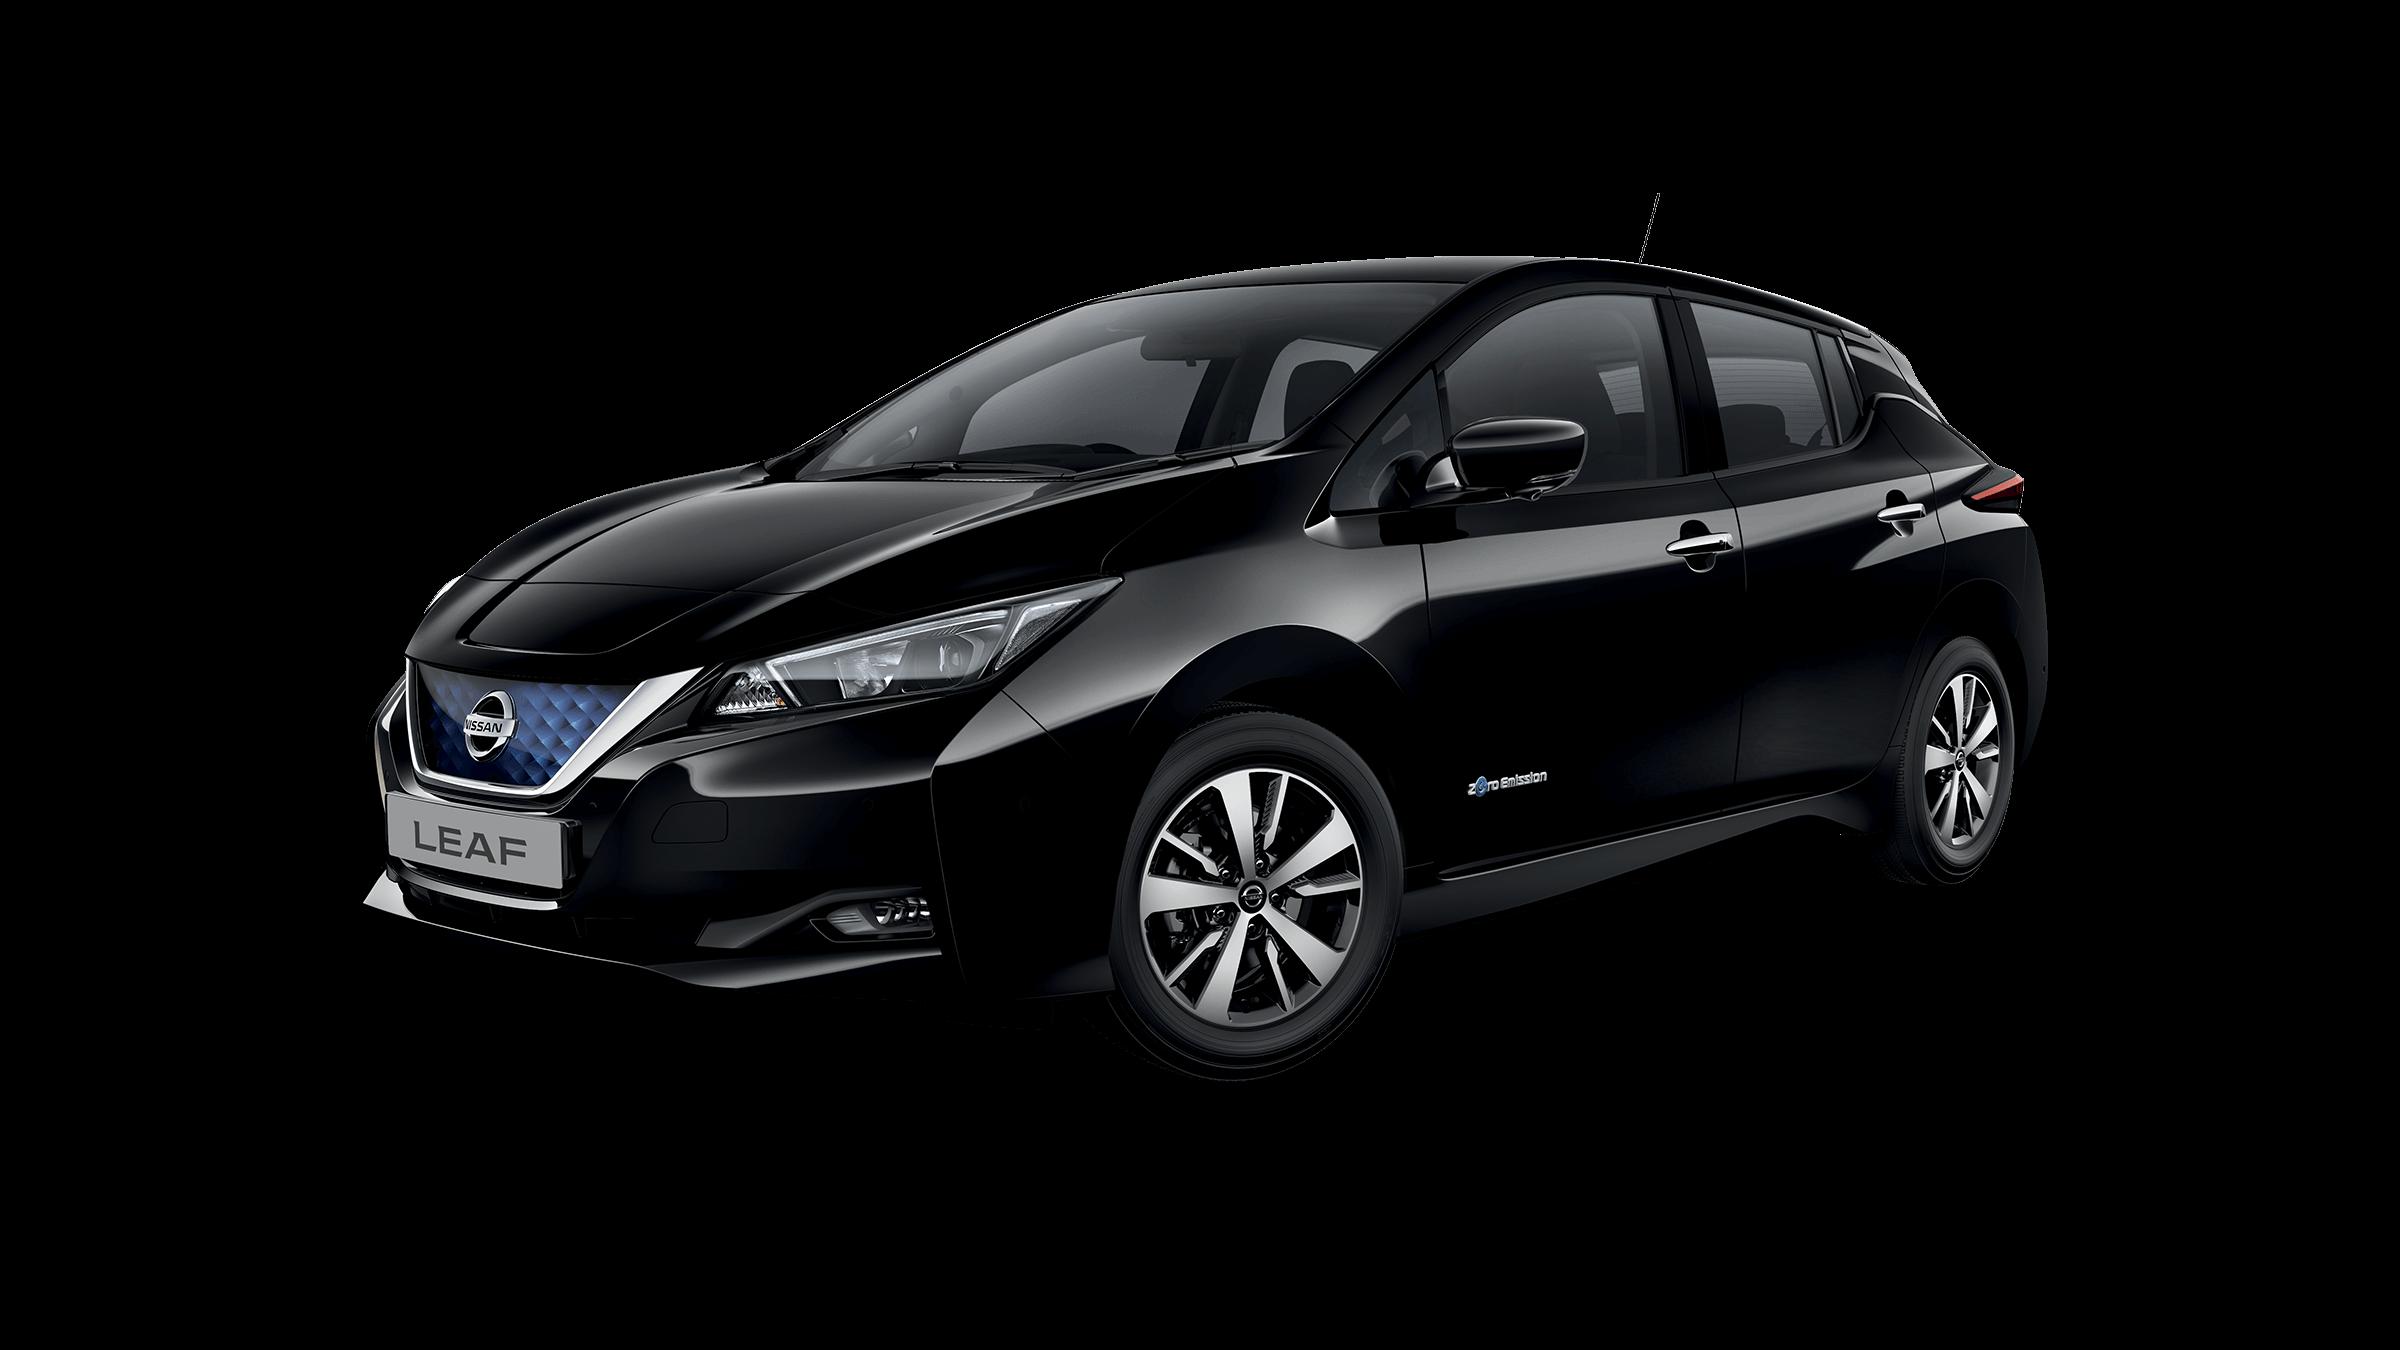 Nissan Leaf Range >> Nissan Leaf 2019 Range And Charging Nissan